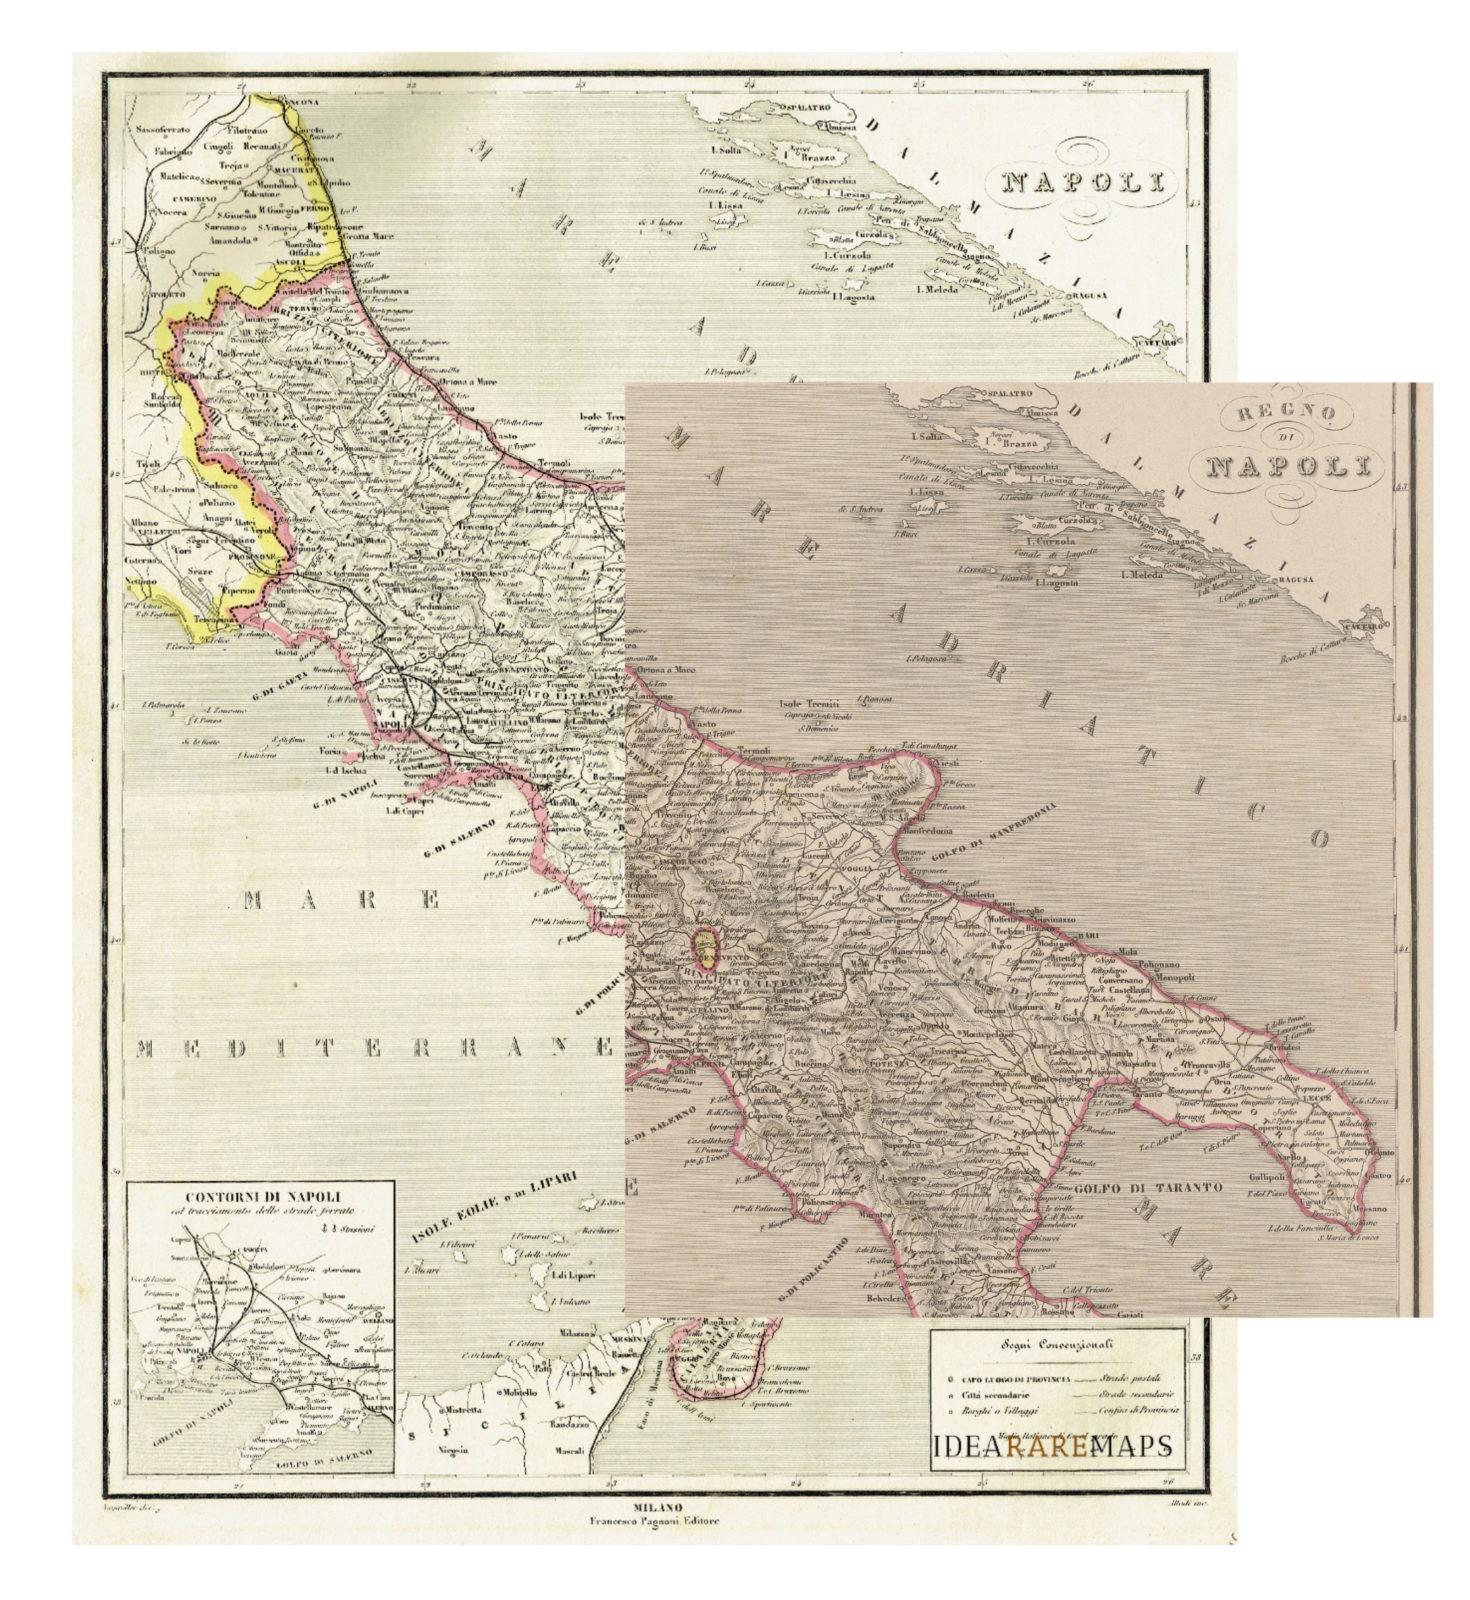 Antica carta del Regno di Napoli